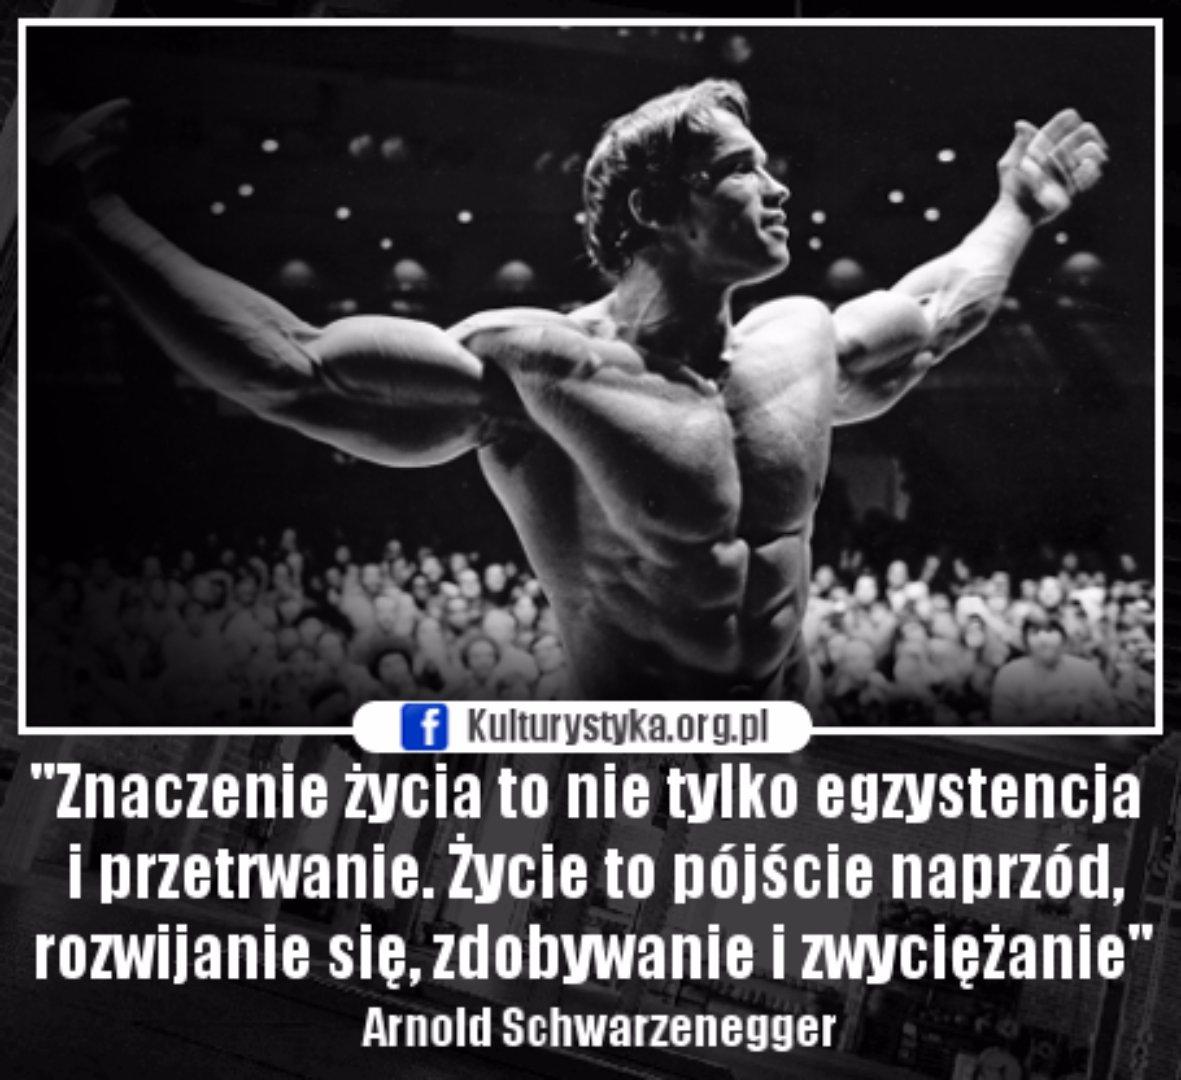 Motywacja Treningowa Memy I Cytaty Motywujące Do Treningu Arnold